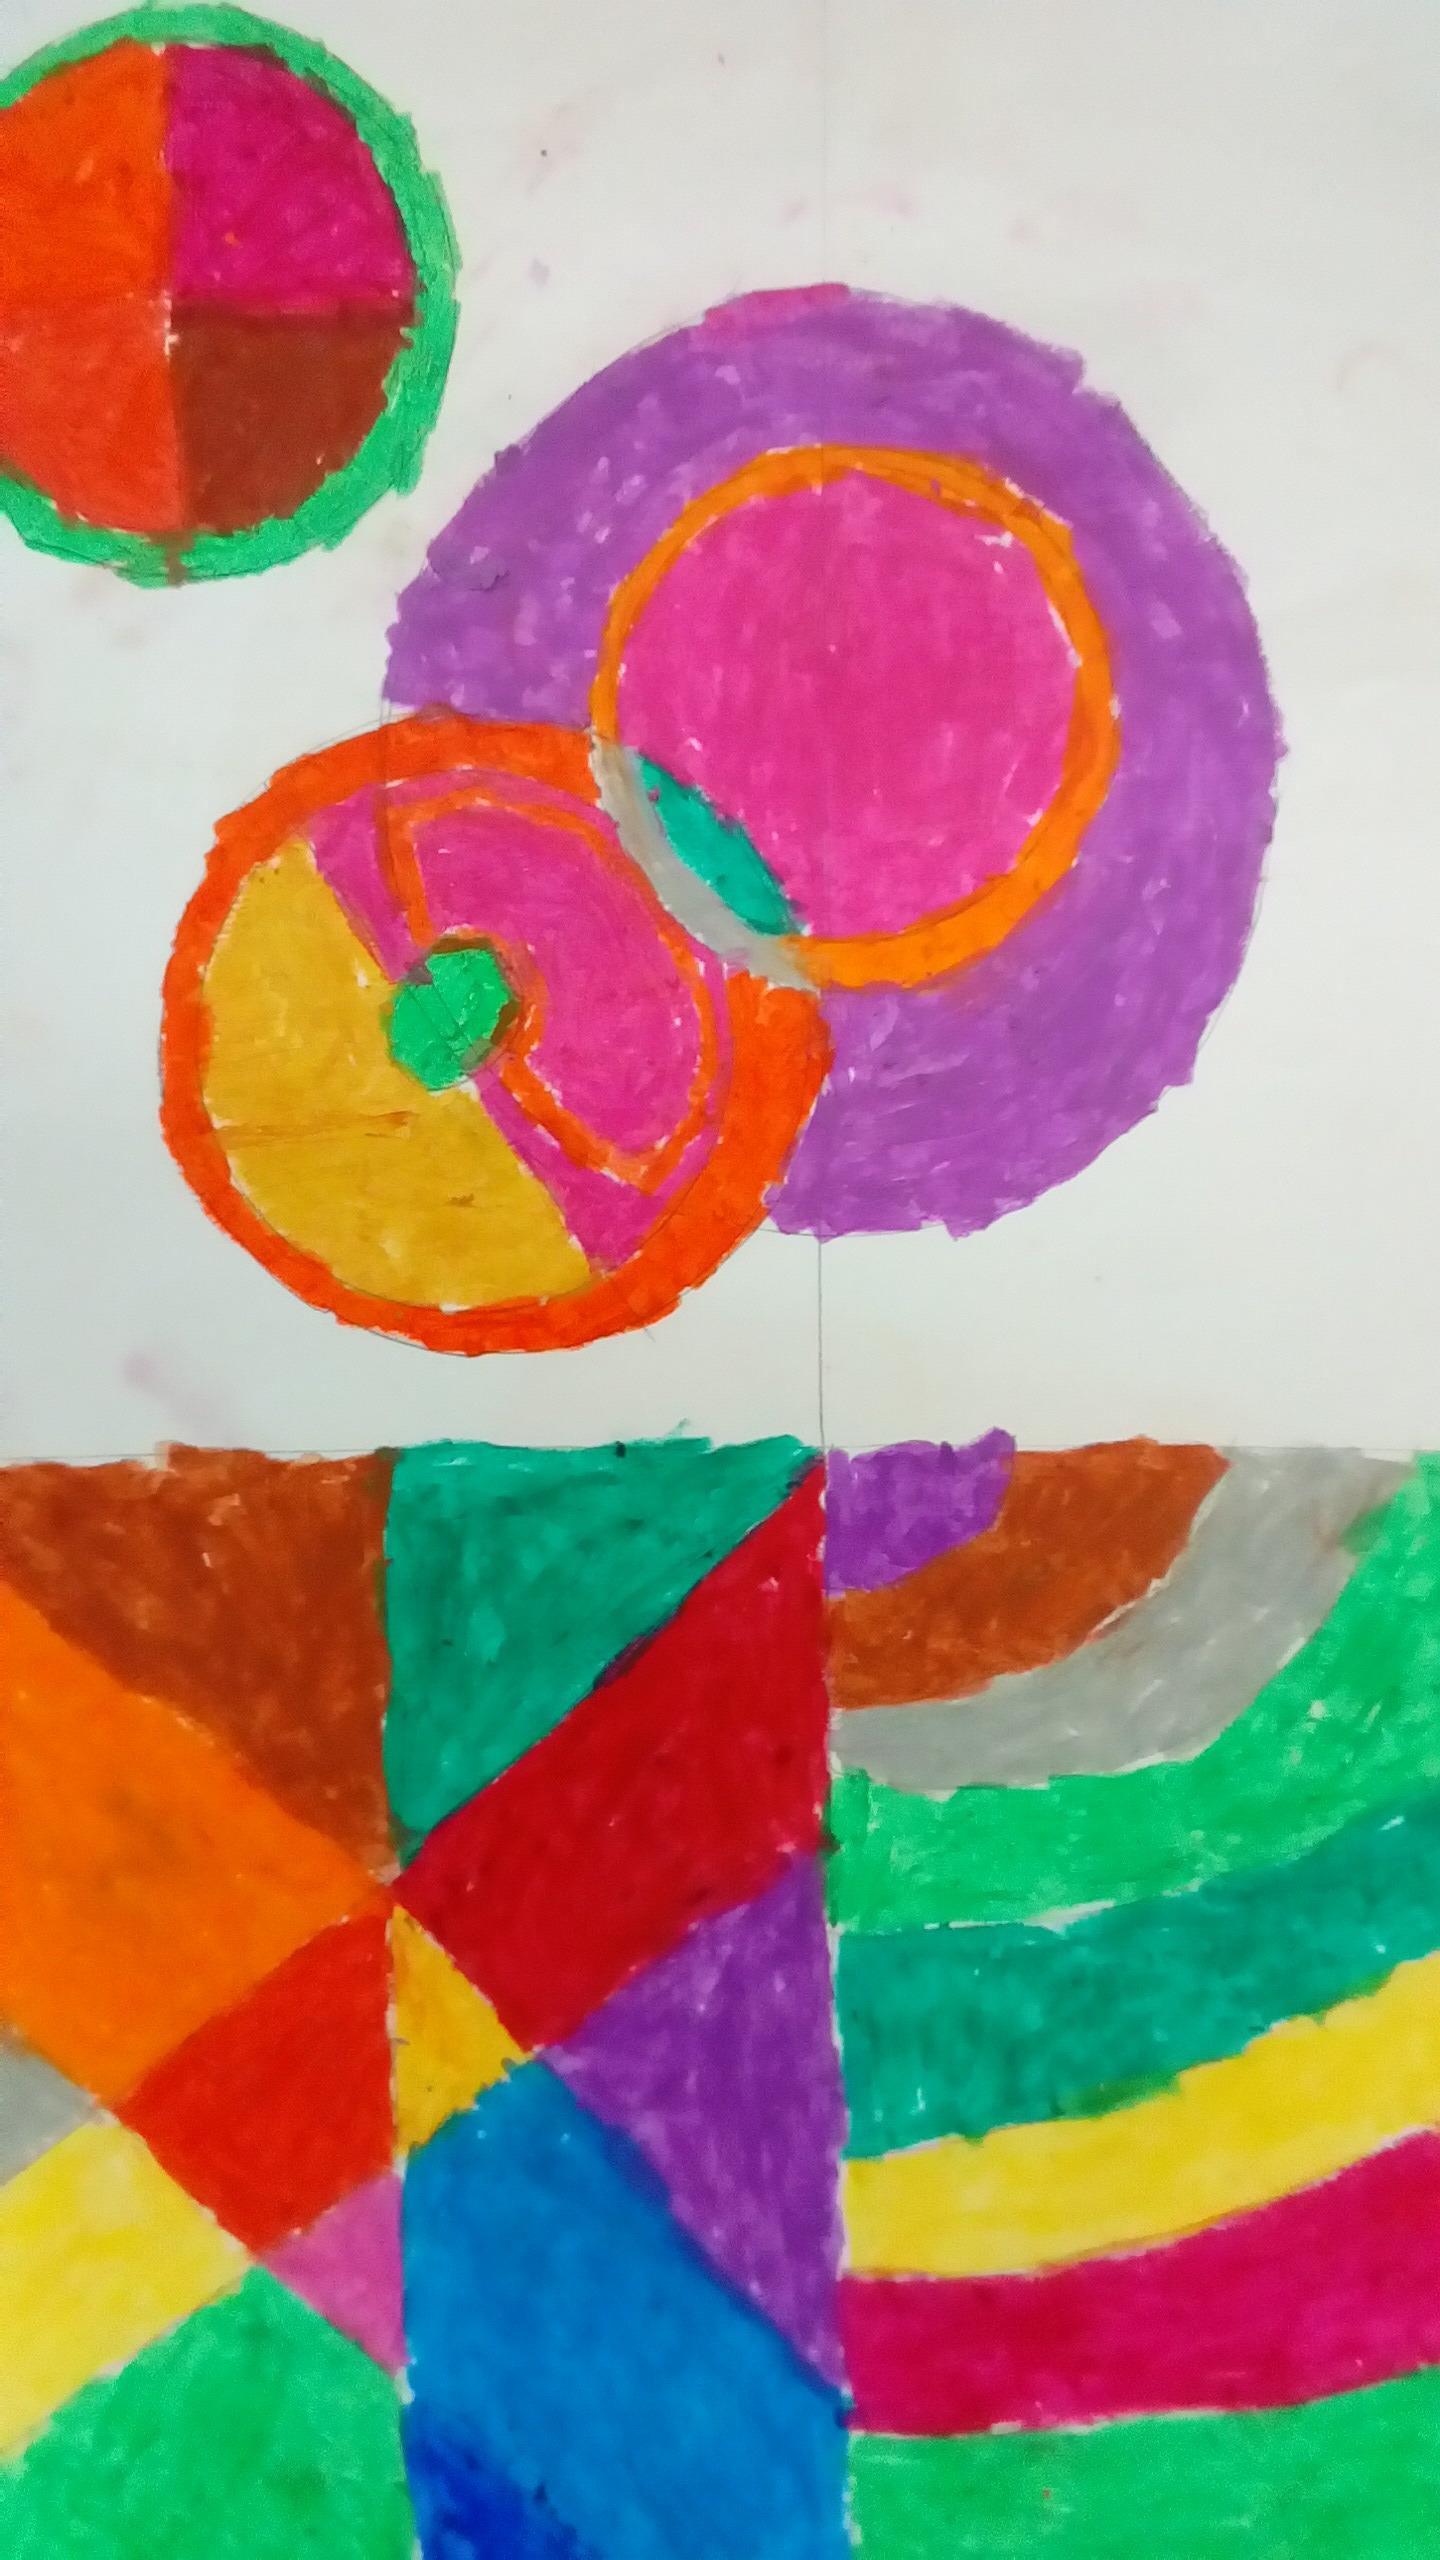 Sonia Delaunay 14